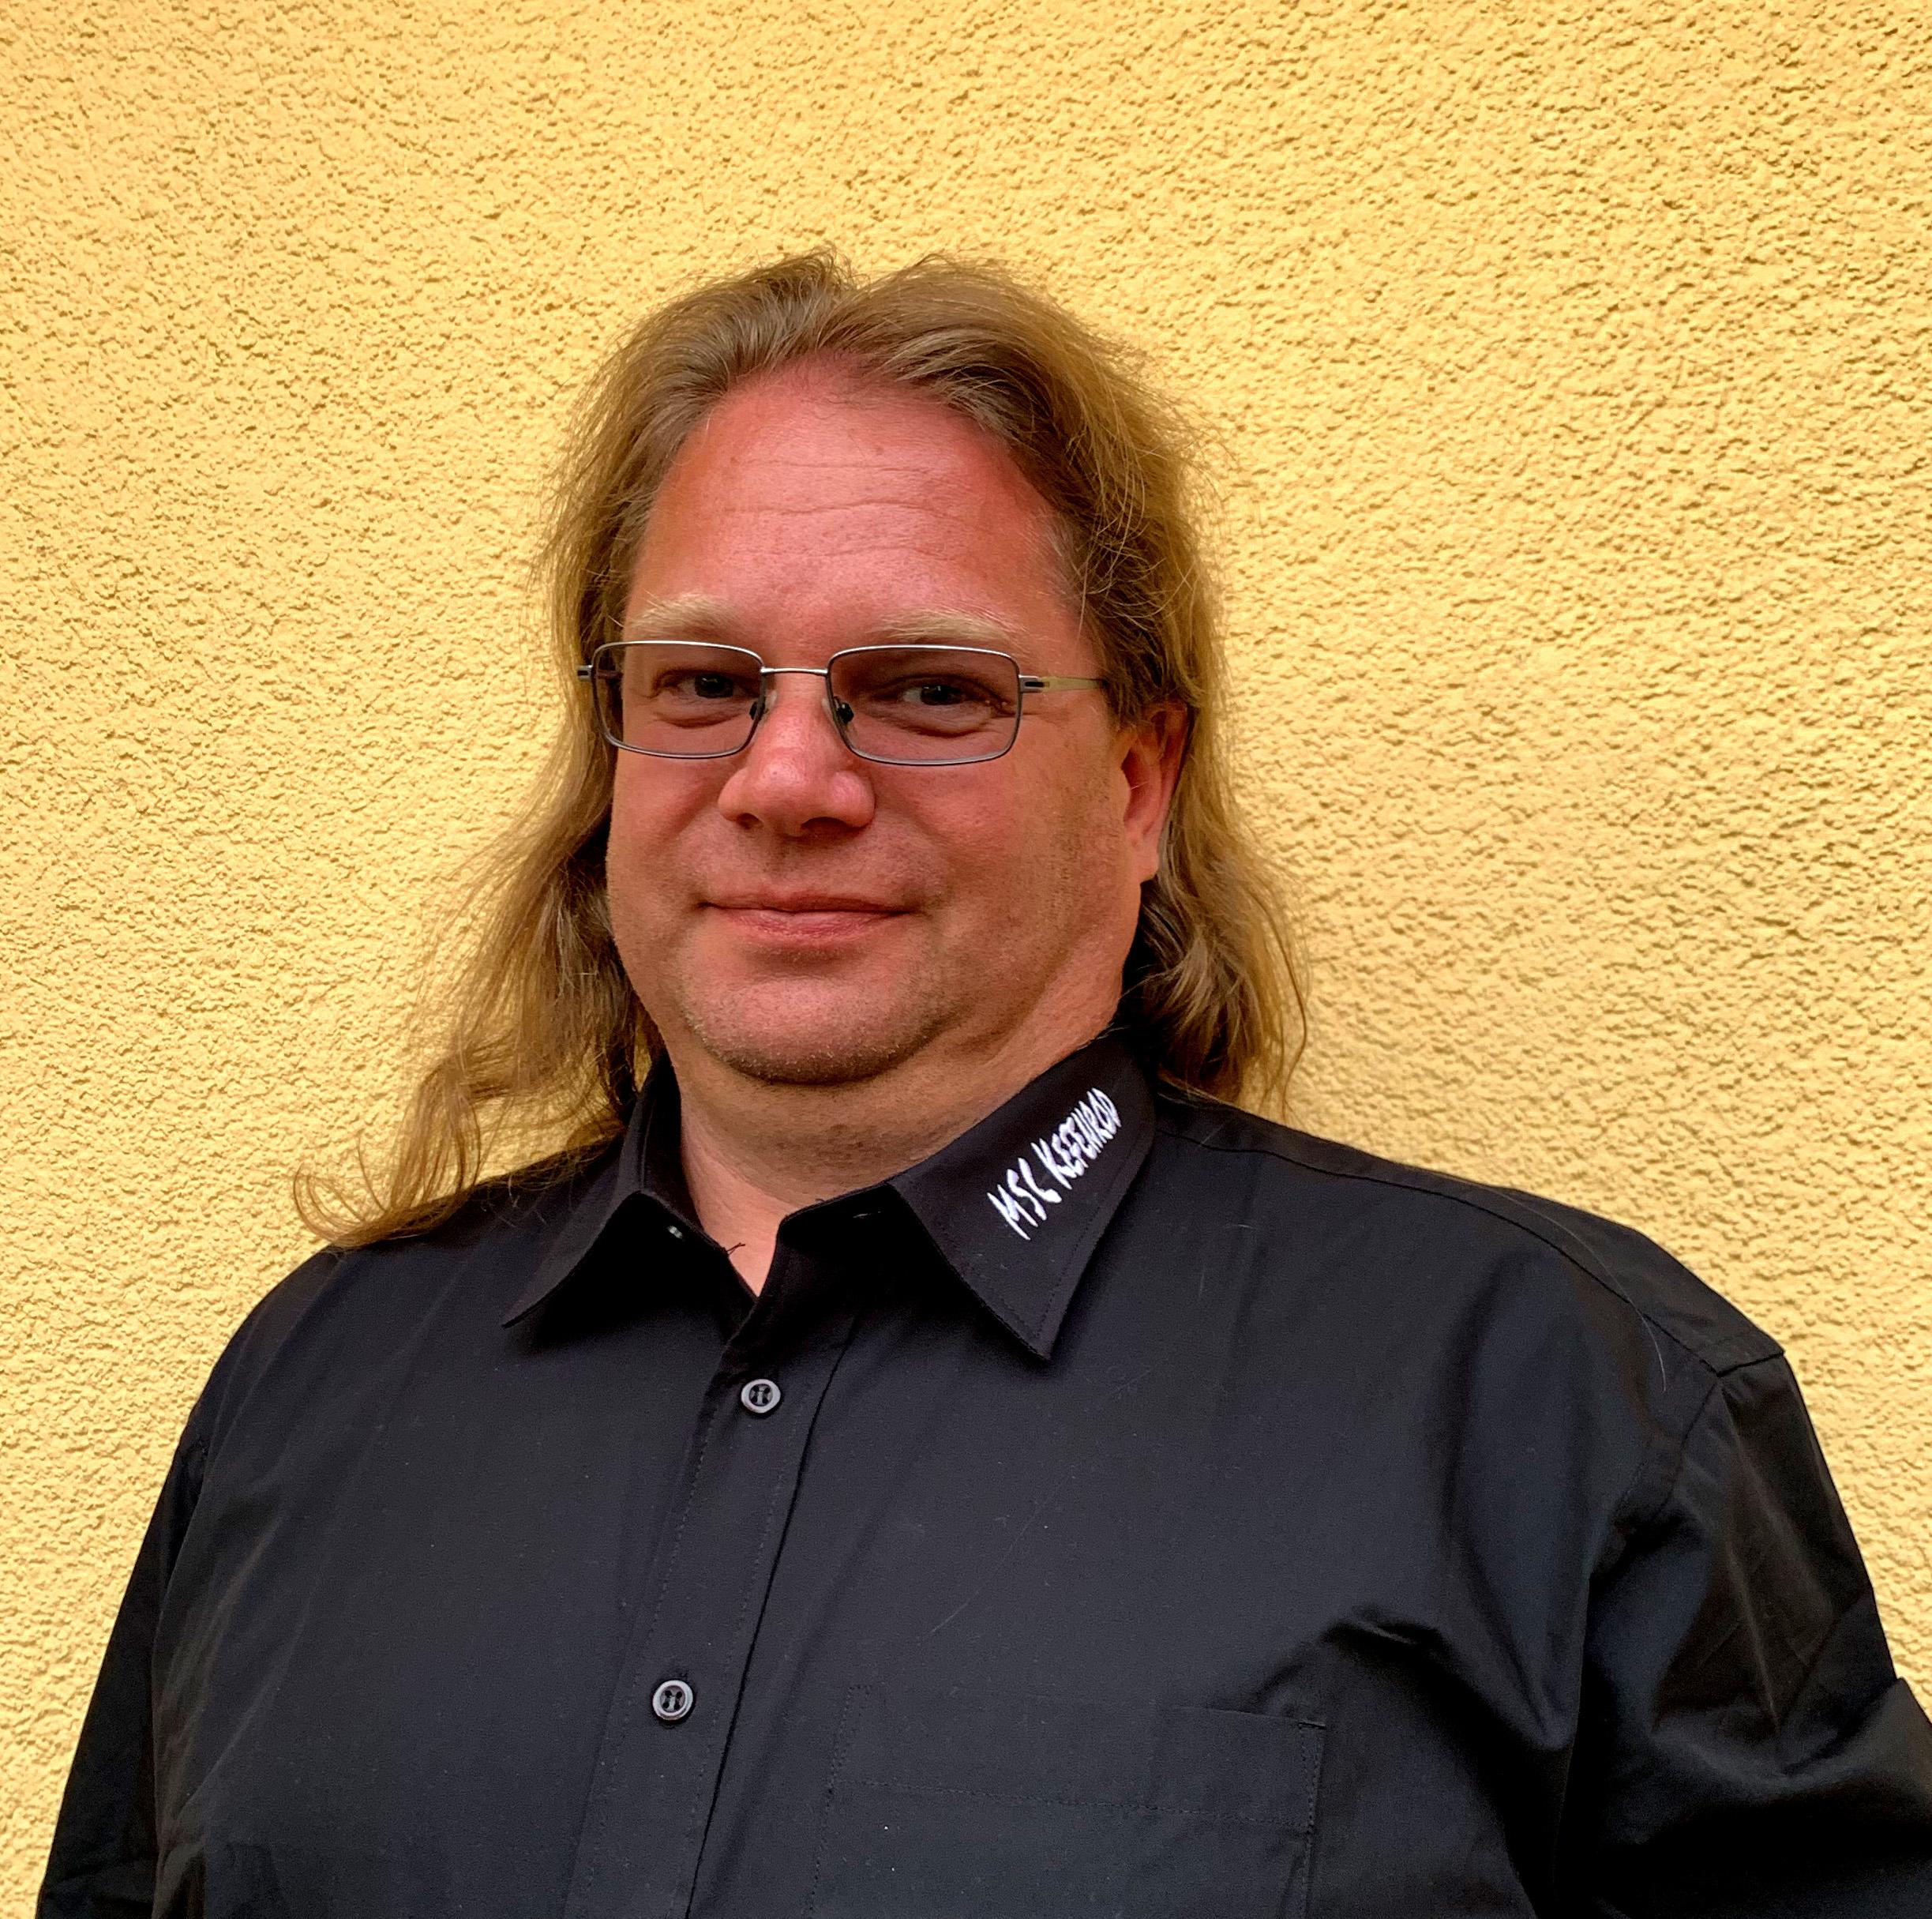 Heiko Matthäs